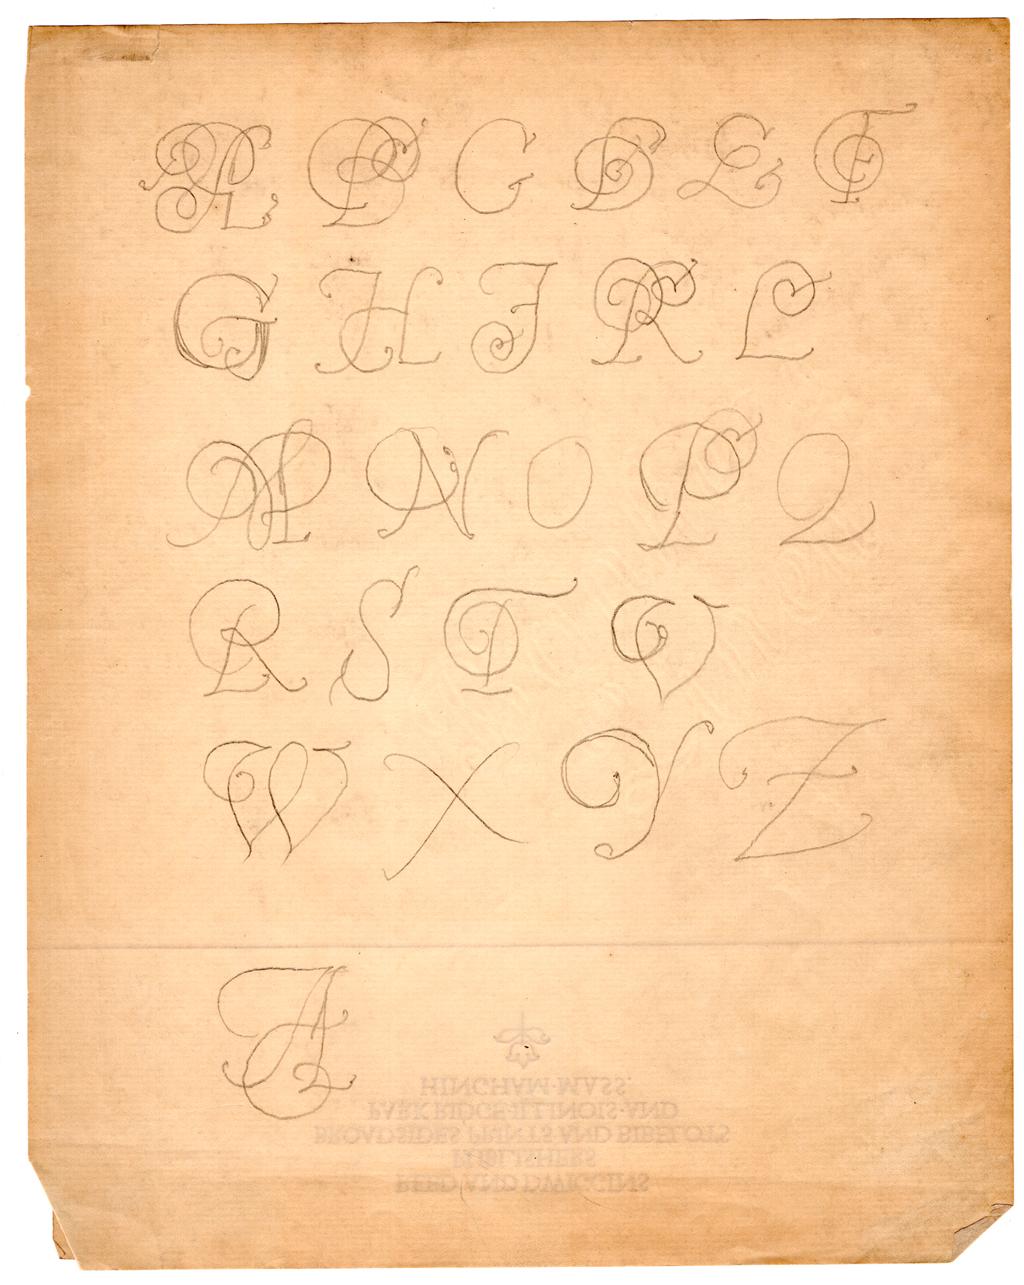 Pencil sketch of swash italic capitals by W.A. Dwiggins (c.1906/1907).